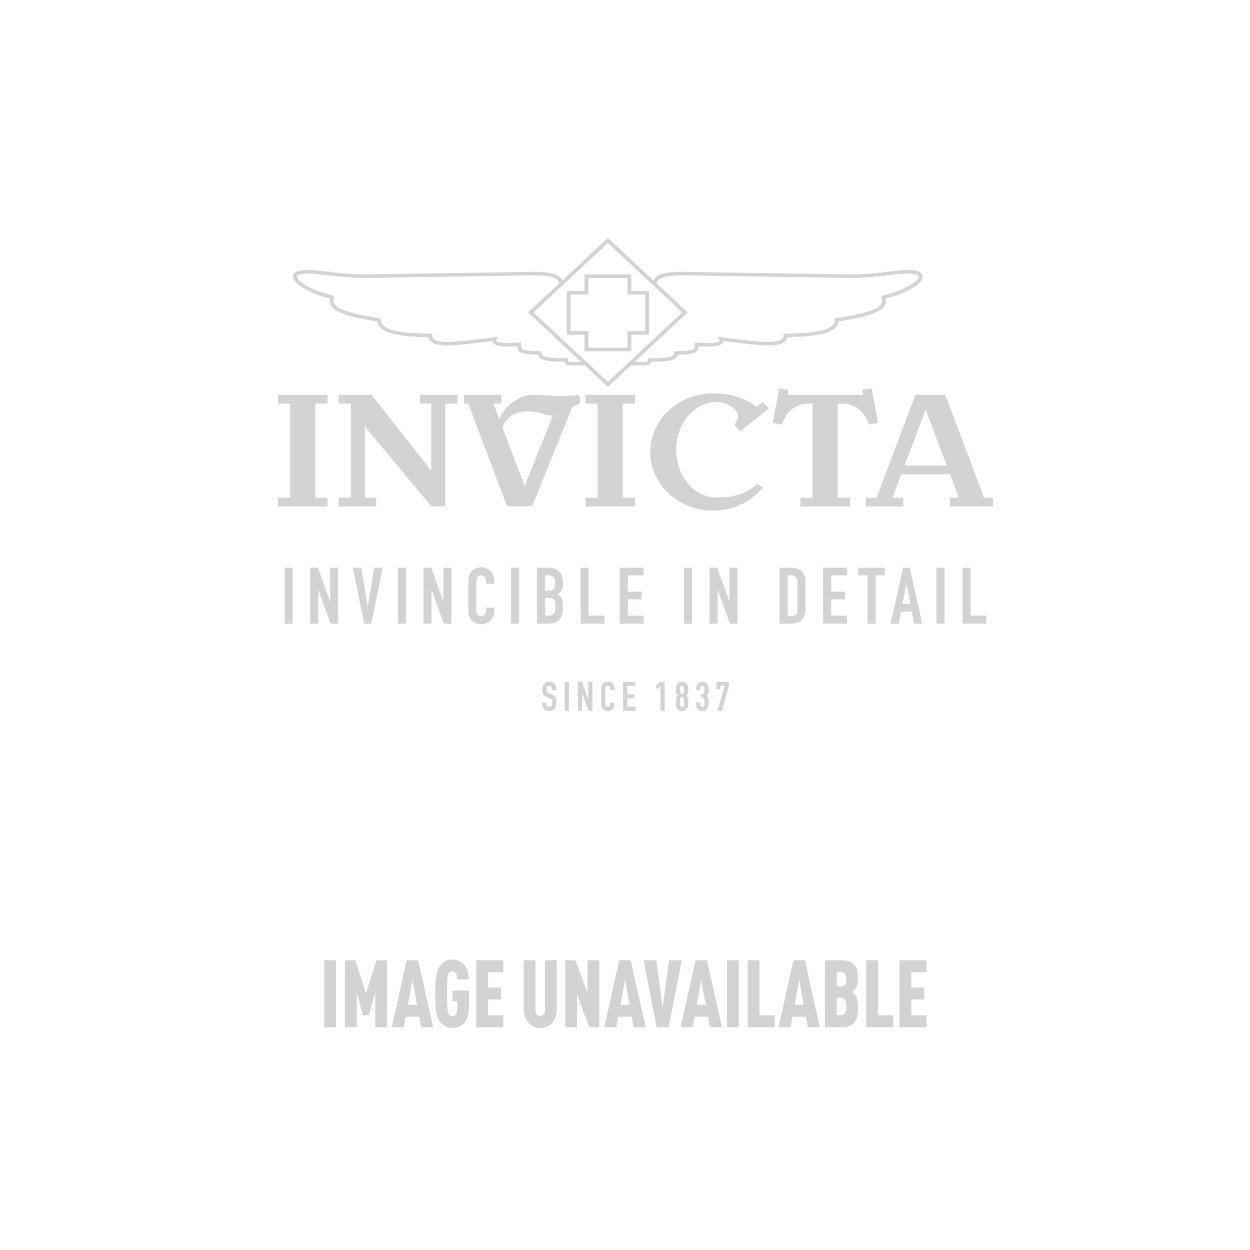 Invicta Model 25570